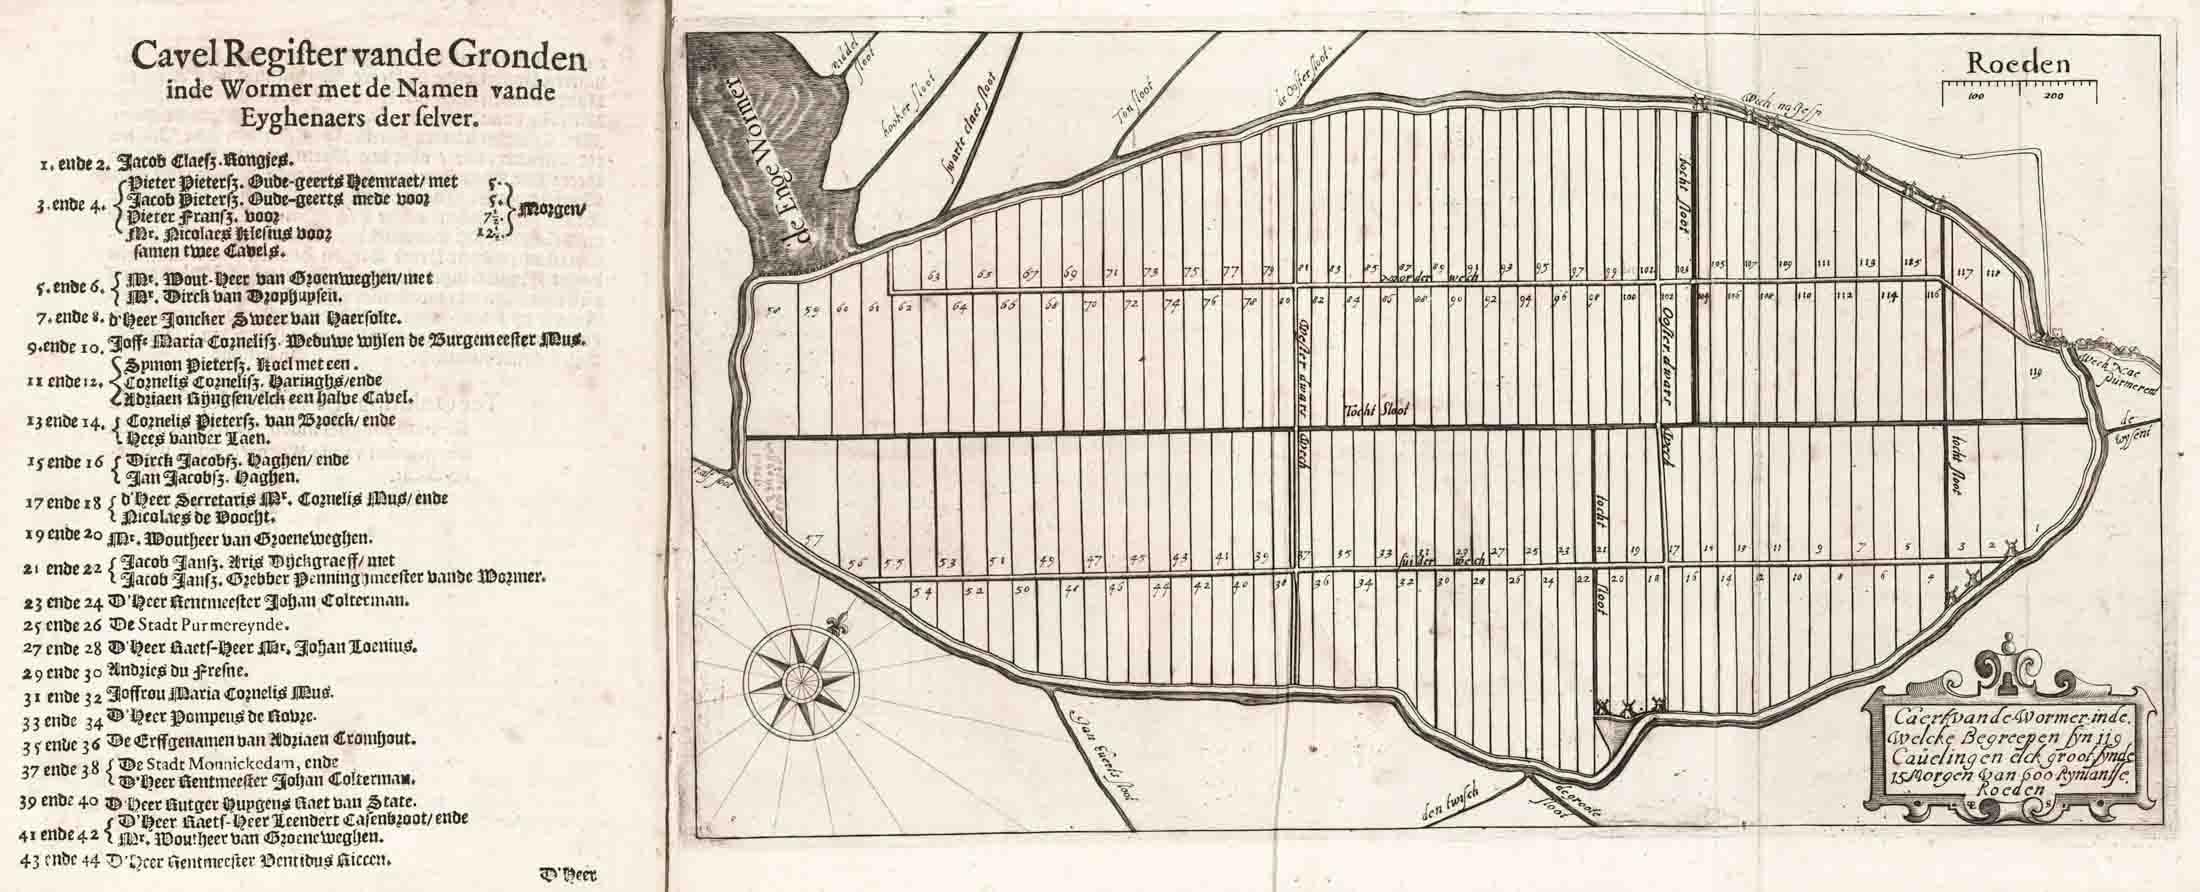 Wormer, octrooi van 1625 met lijst van kavels